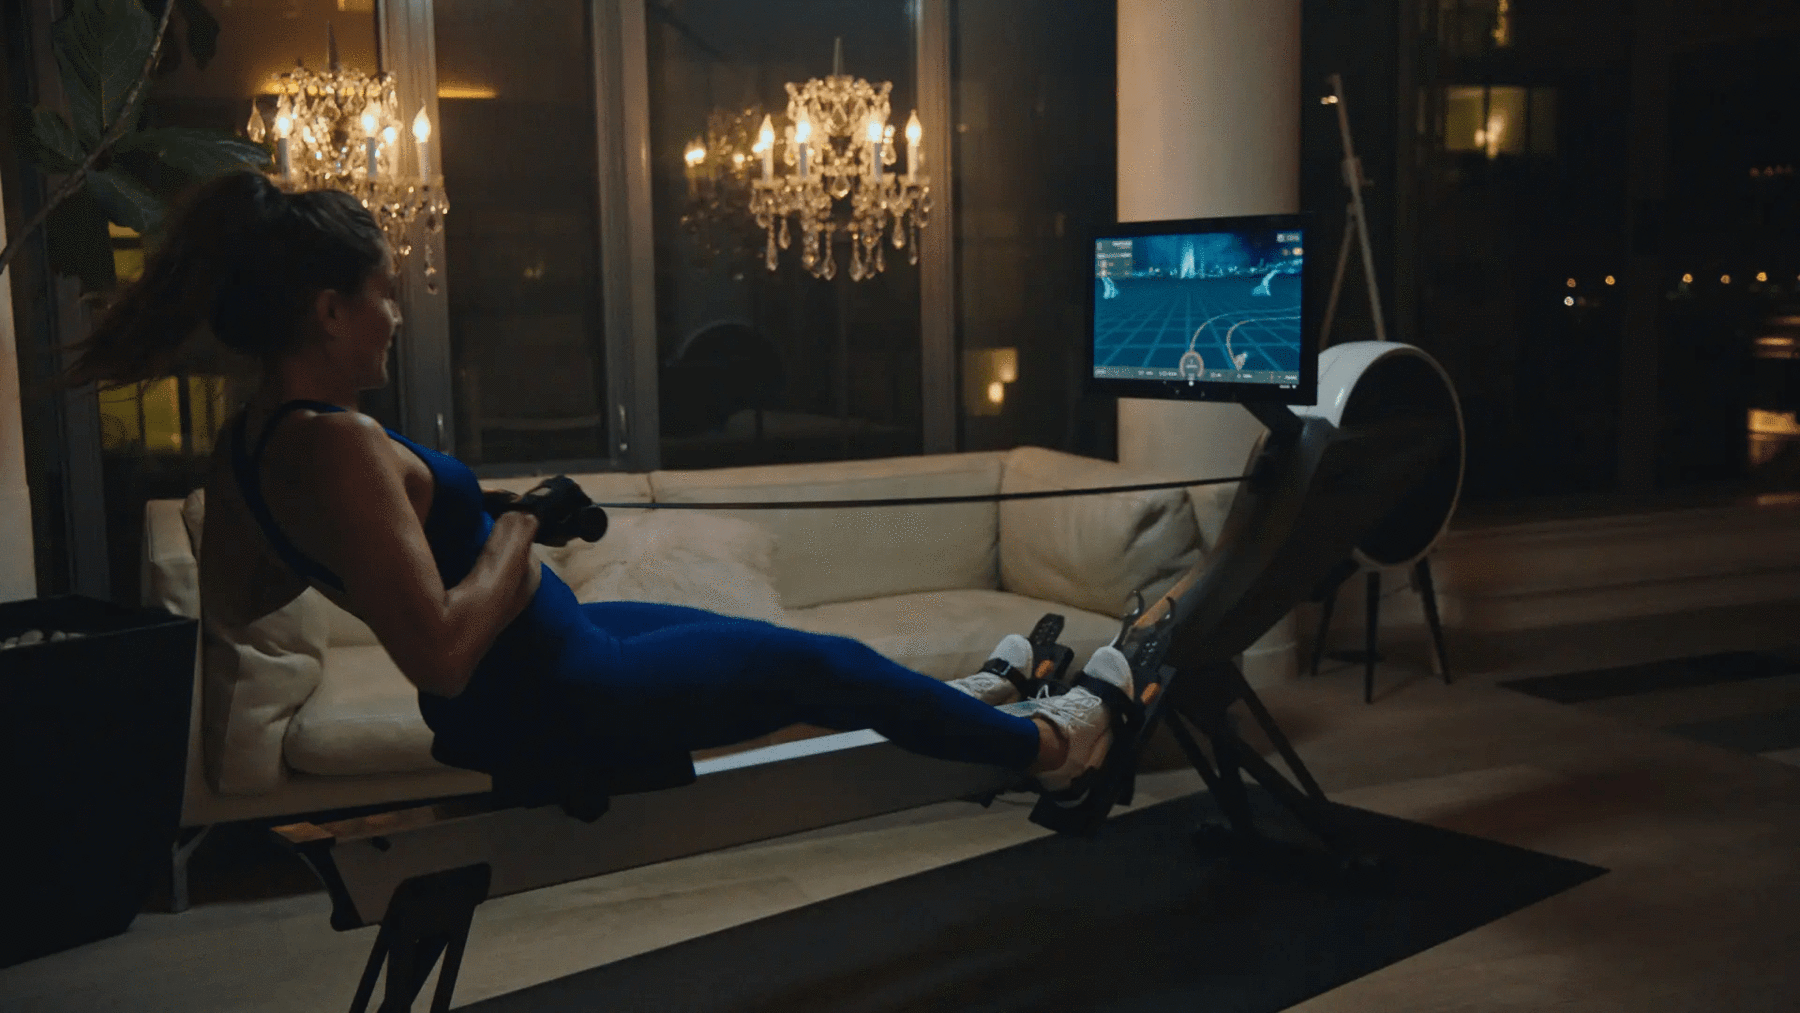 当室内智能健身遇到游戏化,加拿大家庭智能健身运动厂商Aviron获450万美元新融资